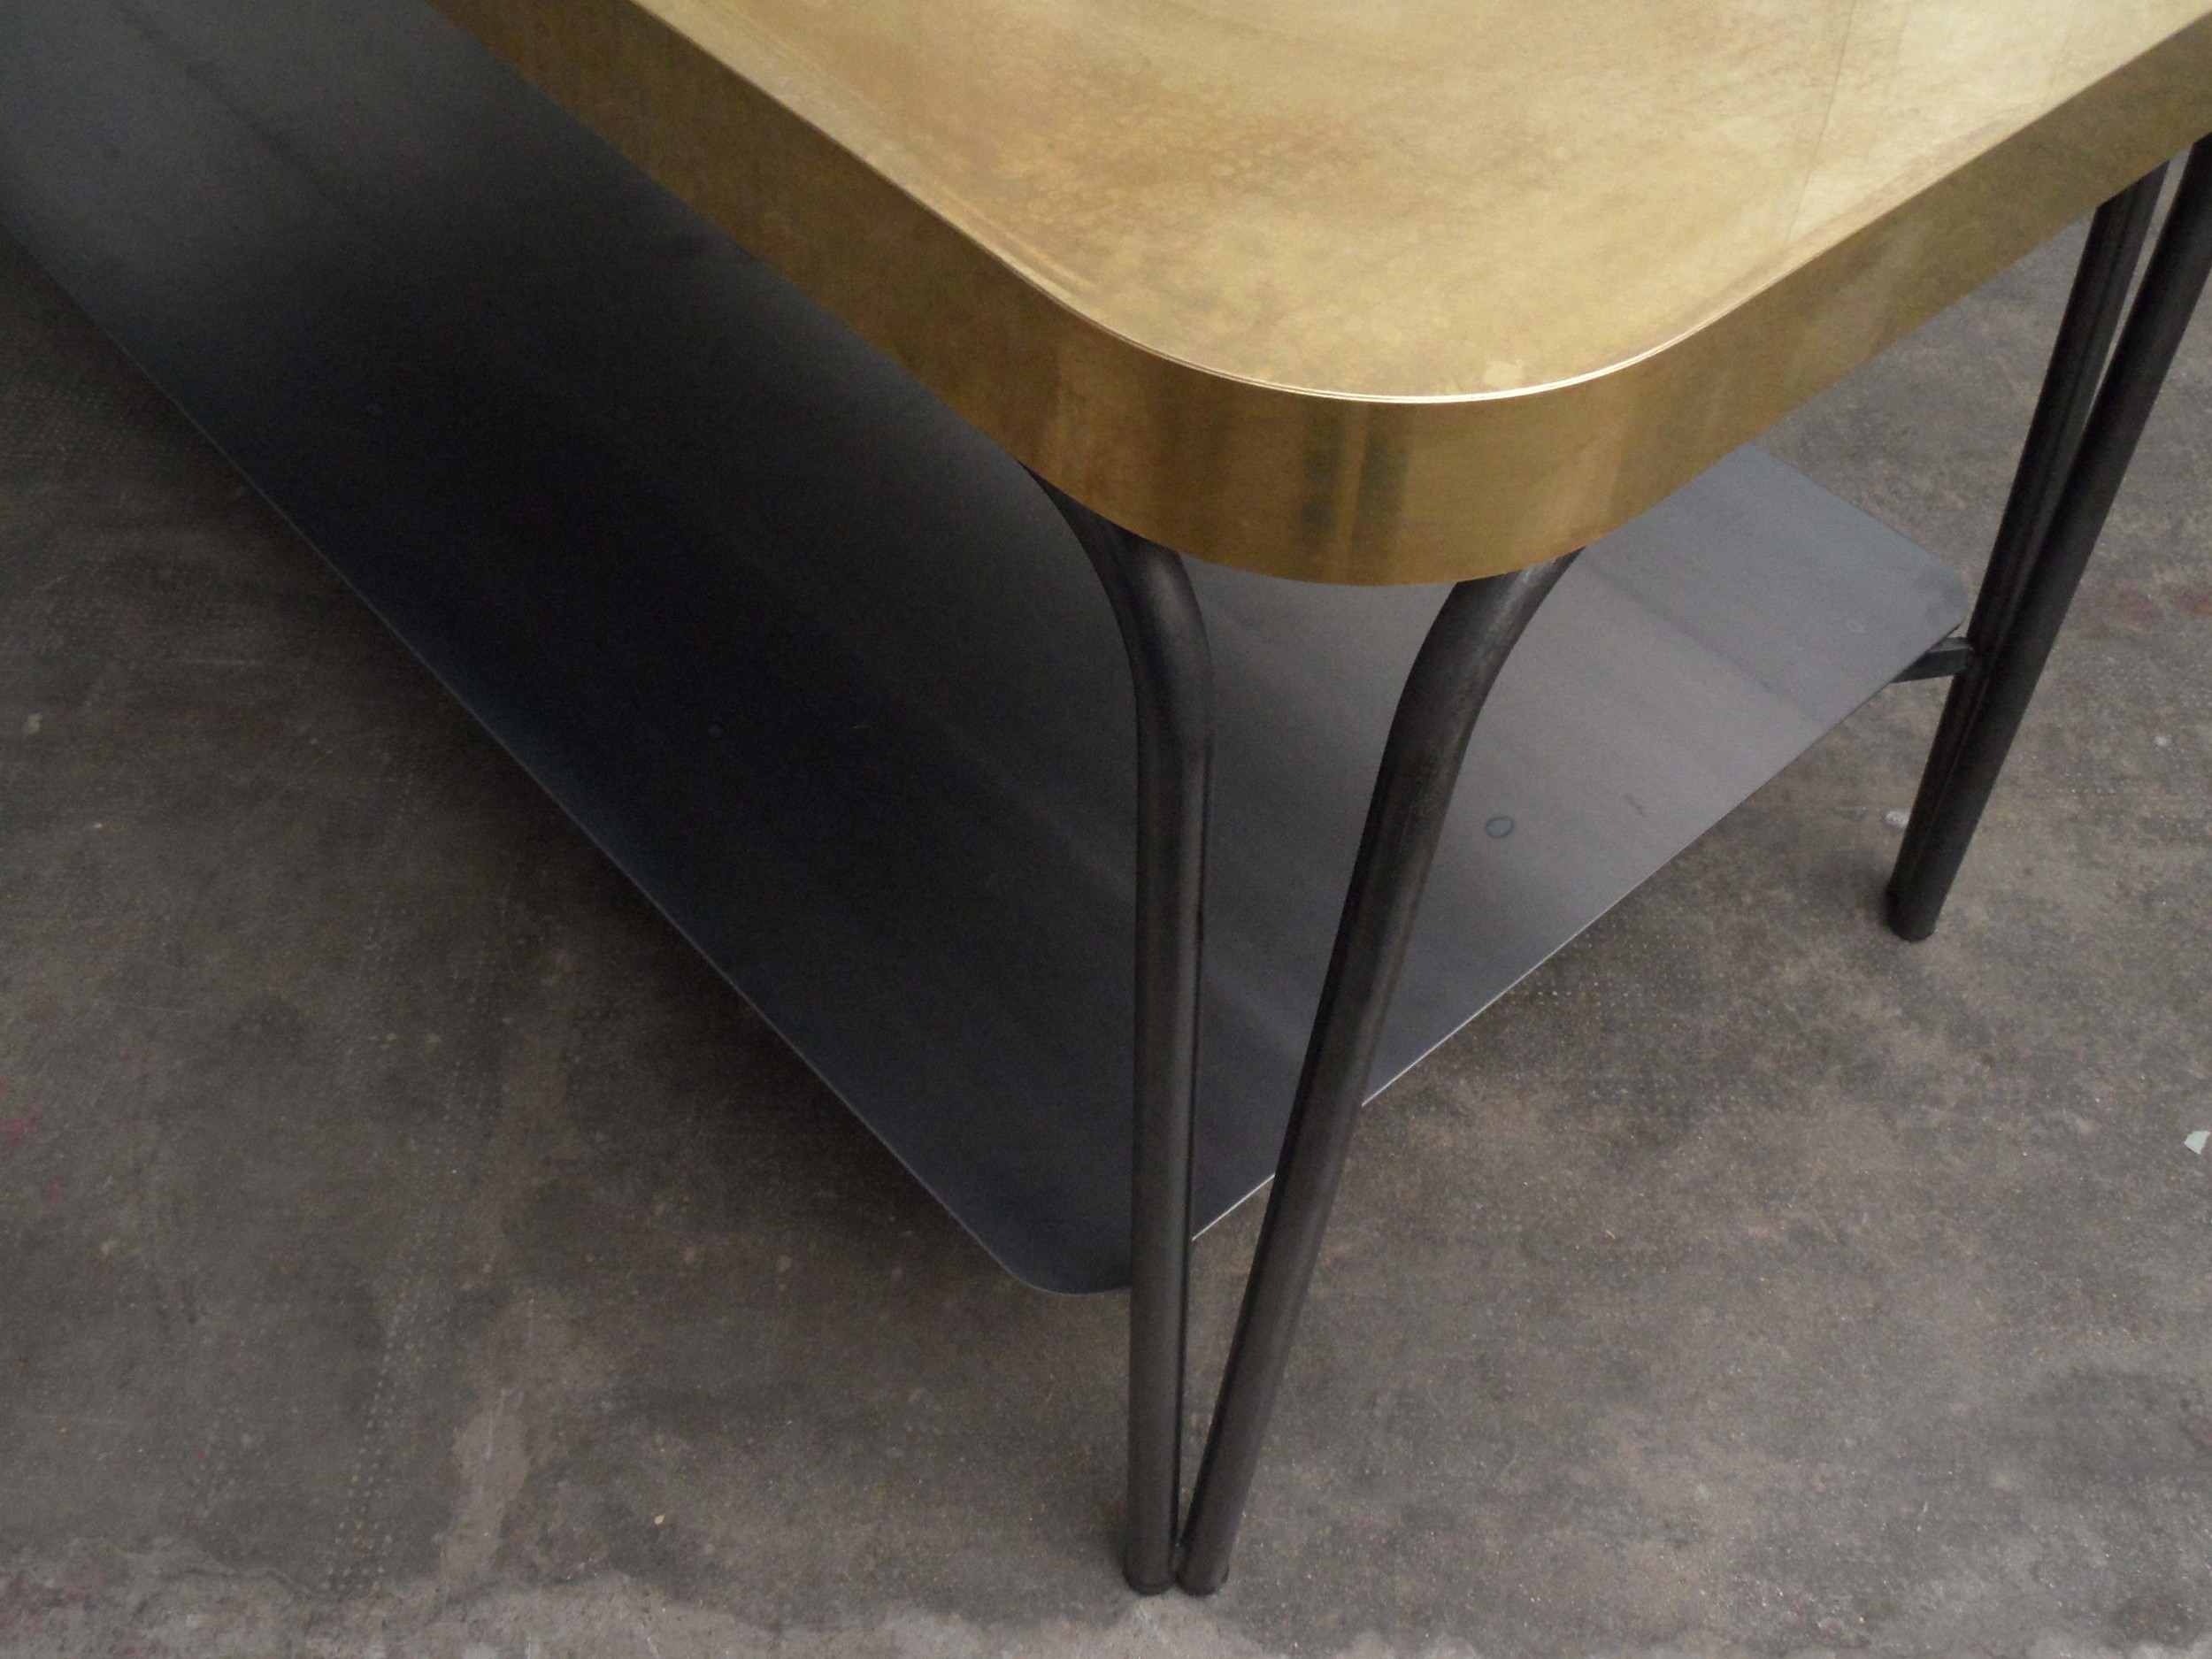 ORVETT for DIESEL - TABLET TABLE, stock detail